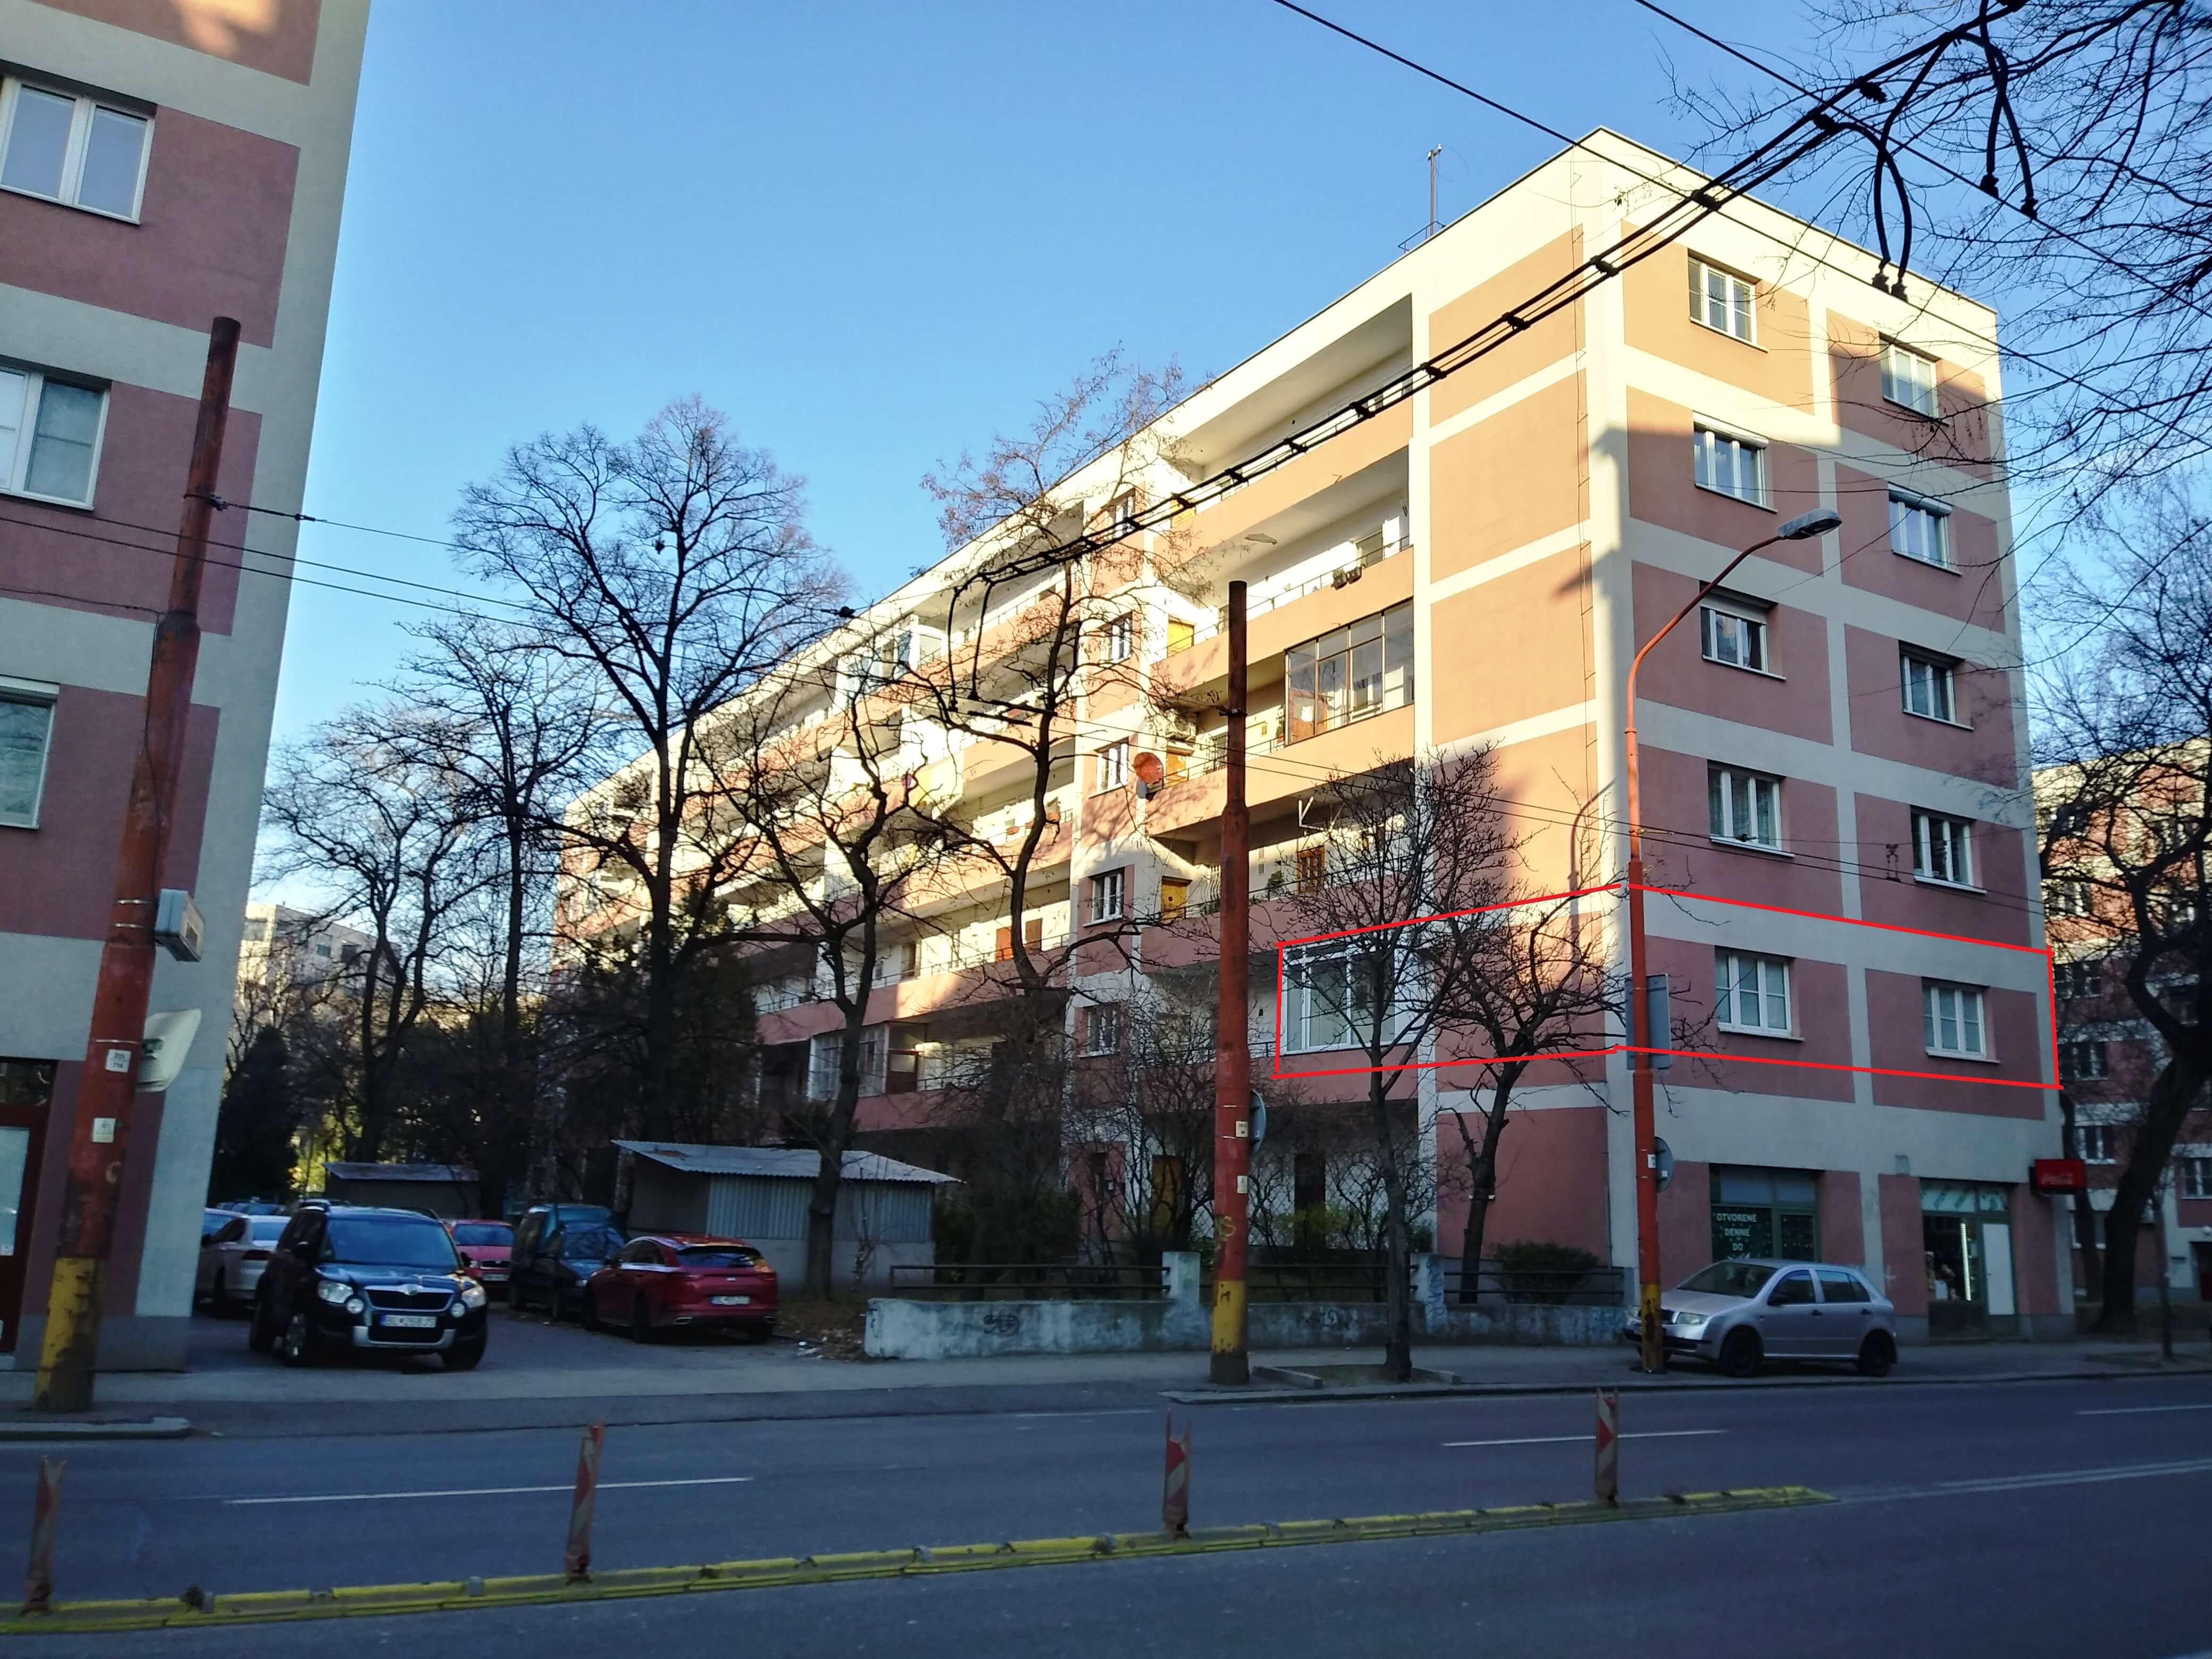 Predaj exkluzívneho 2 izb. bytu, staré mesto, Šancová ulica, Bratislava, 75m2, kompletne zariadený-5